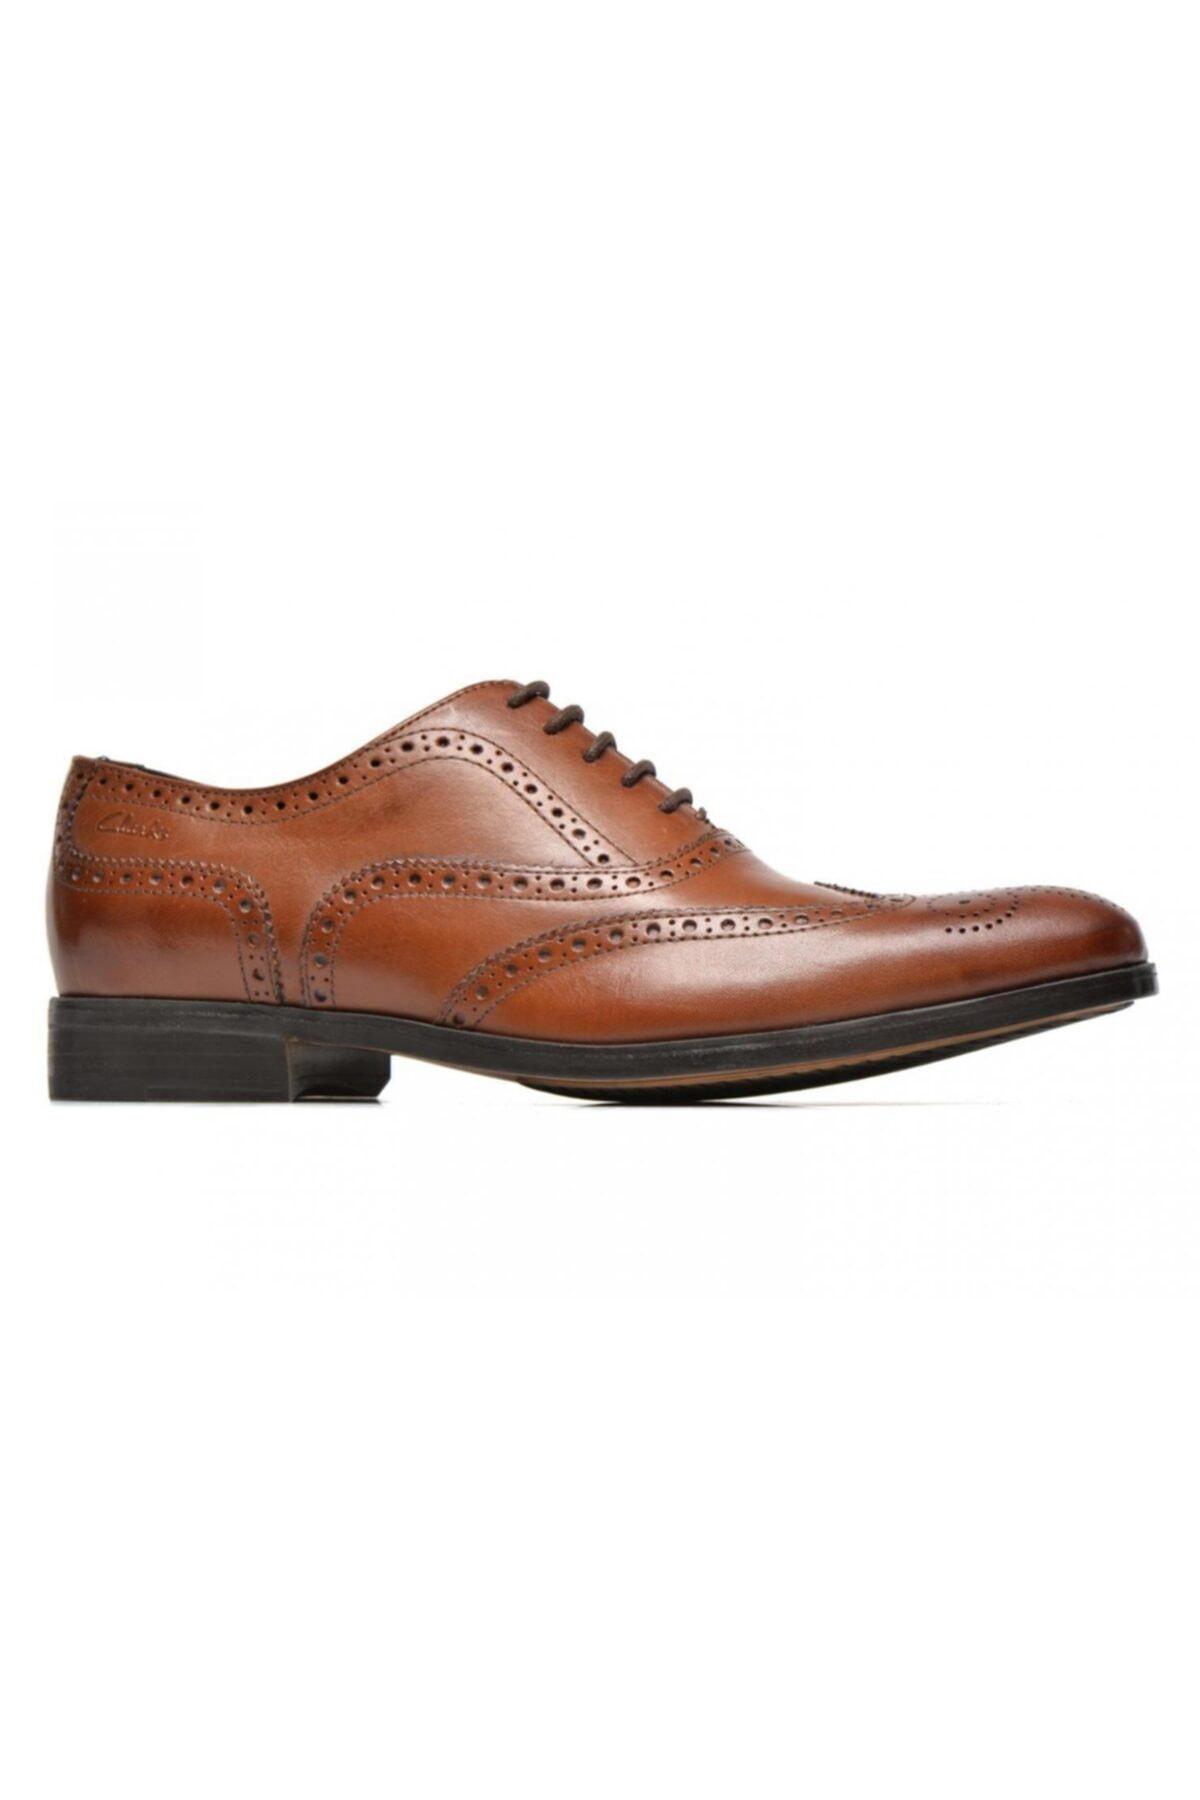 CLARKS Erkek Klasik Ayakkabı 1